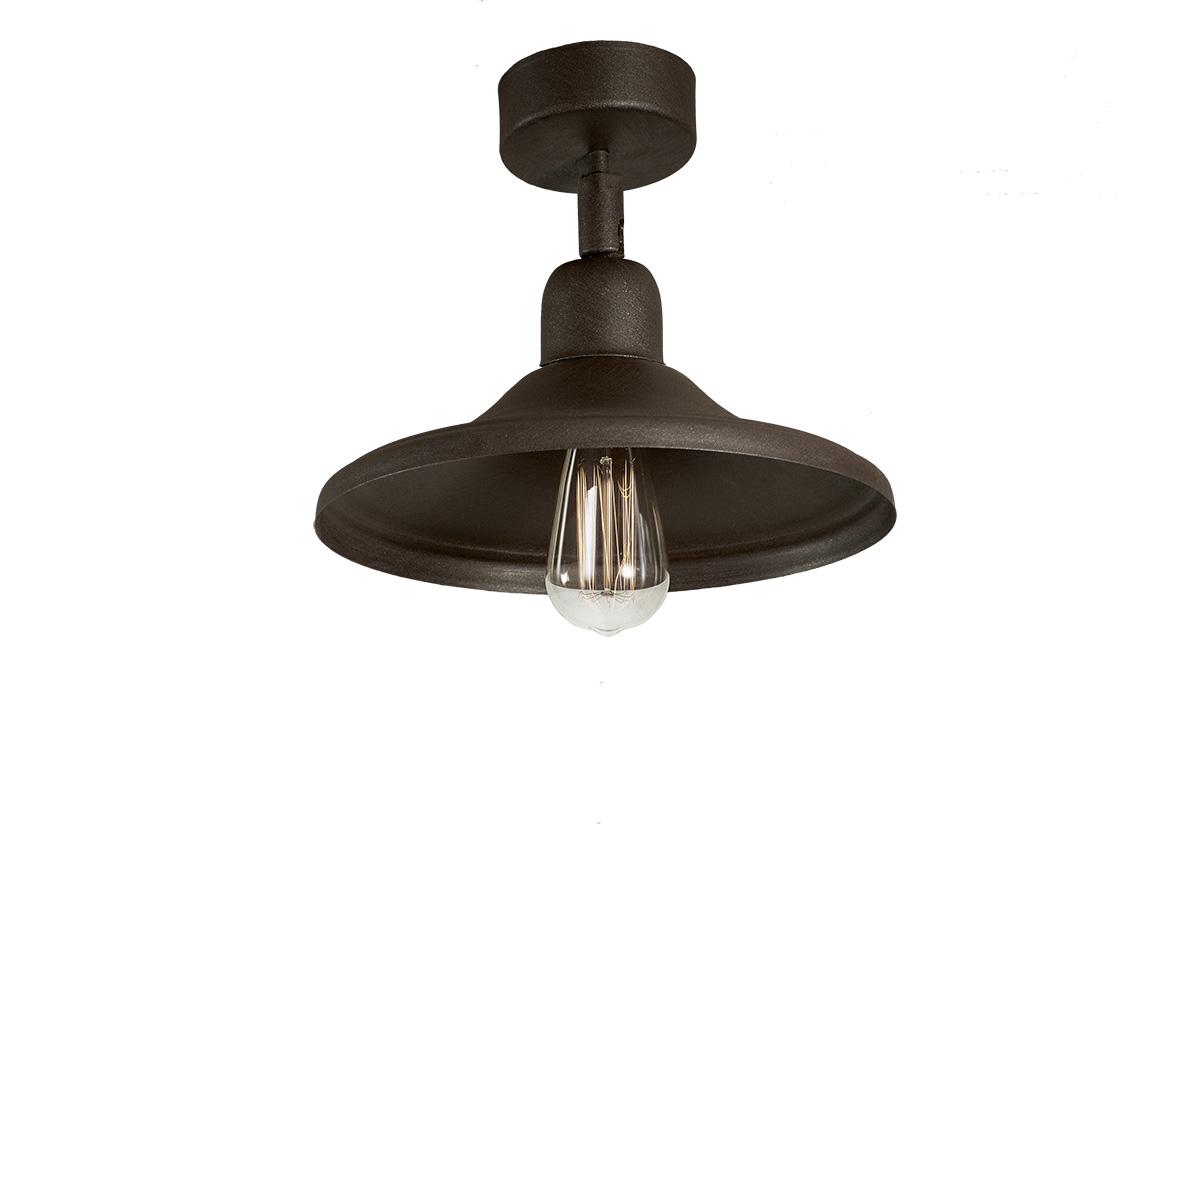 Φωτιστικό οροφής σπαστό σε πατίνα γραφίτη ΙΟΣ graphite patinated ceiling lamp